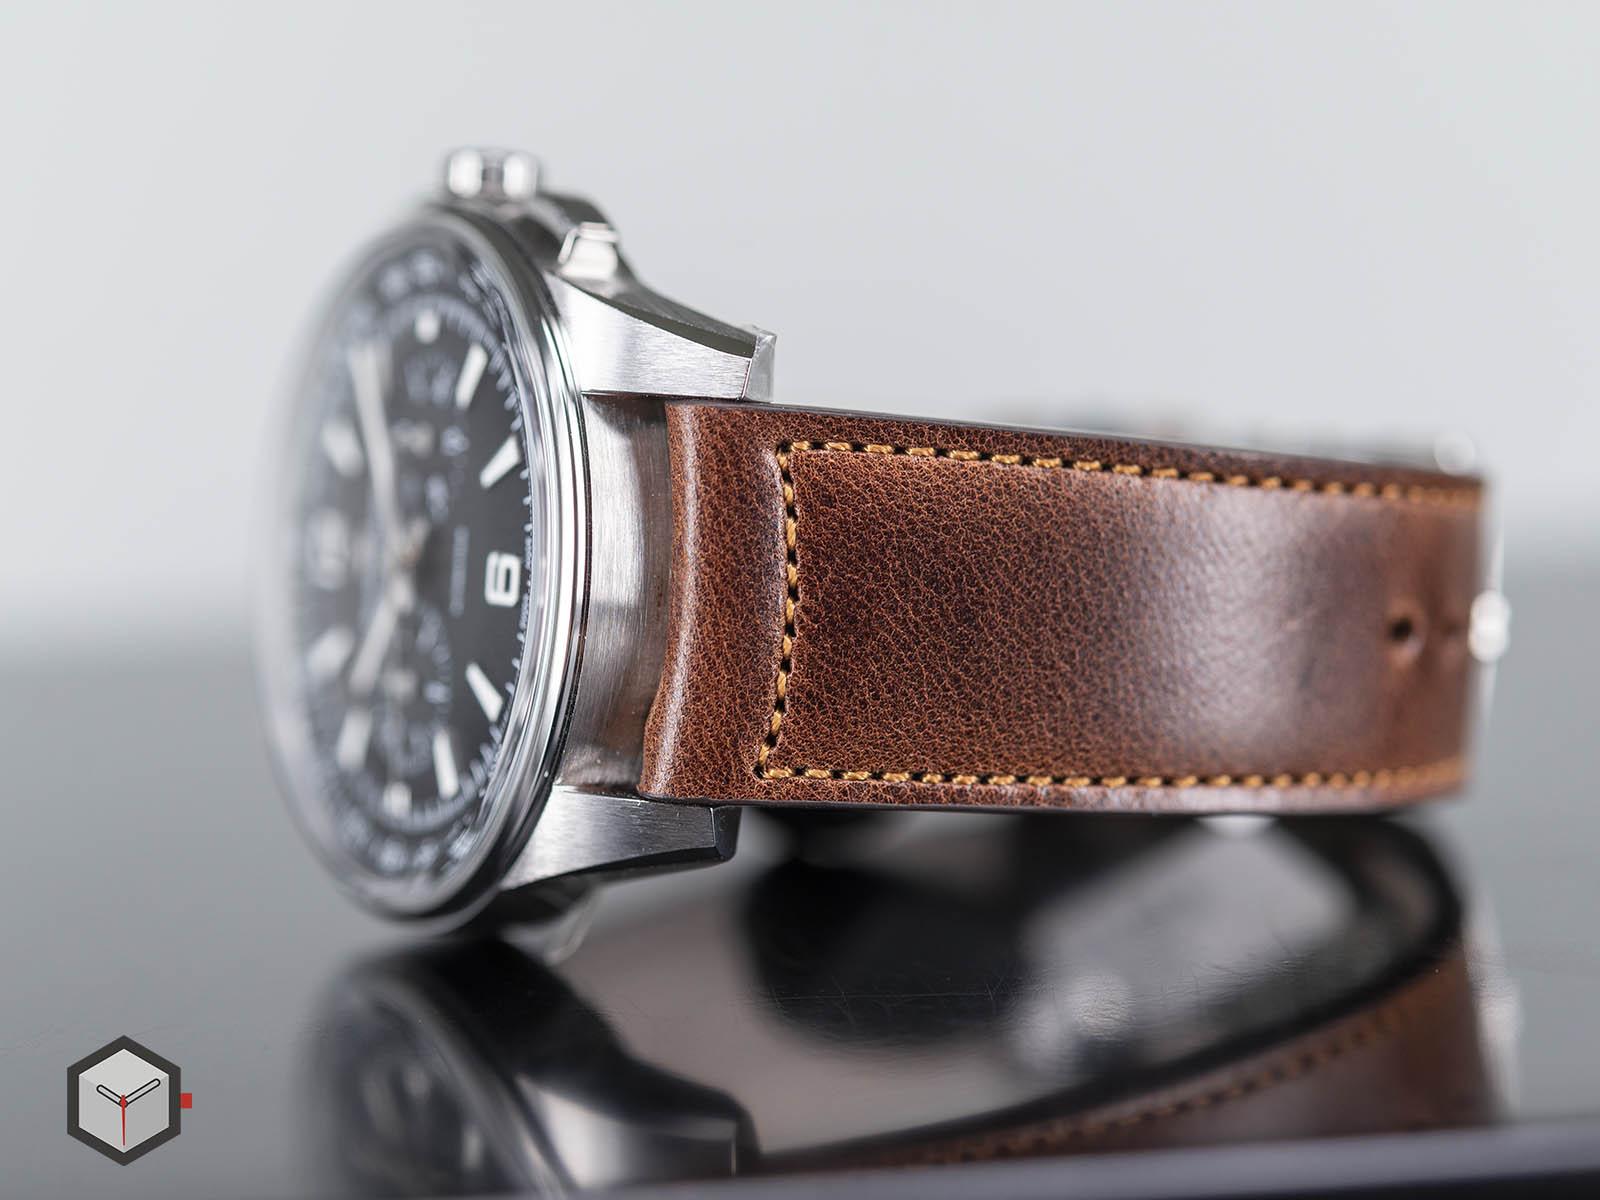 9028471-jaeger-lecoultre-polaris-chronograph-stainless-steel-7.jpg